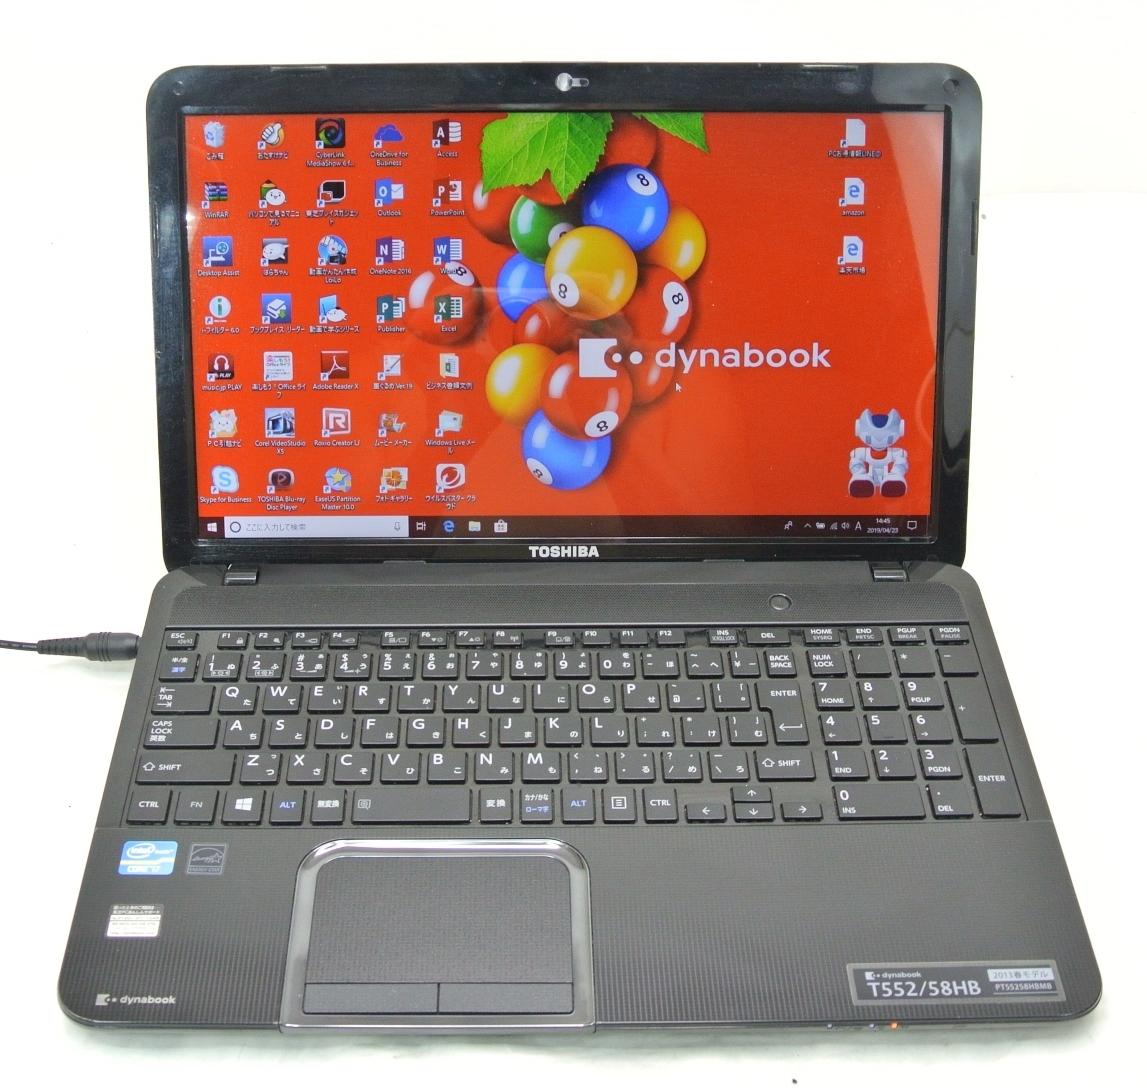 爆速SSD500G仕様 TOSHIBA T552/58HB 黒/i7-3630QM/8G/新SSD500G/ブルーレイRE/無線・USB3.0/Win10/office2016/ゲーム・映画・事務作業